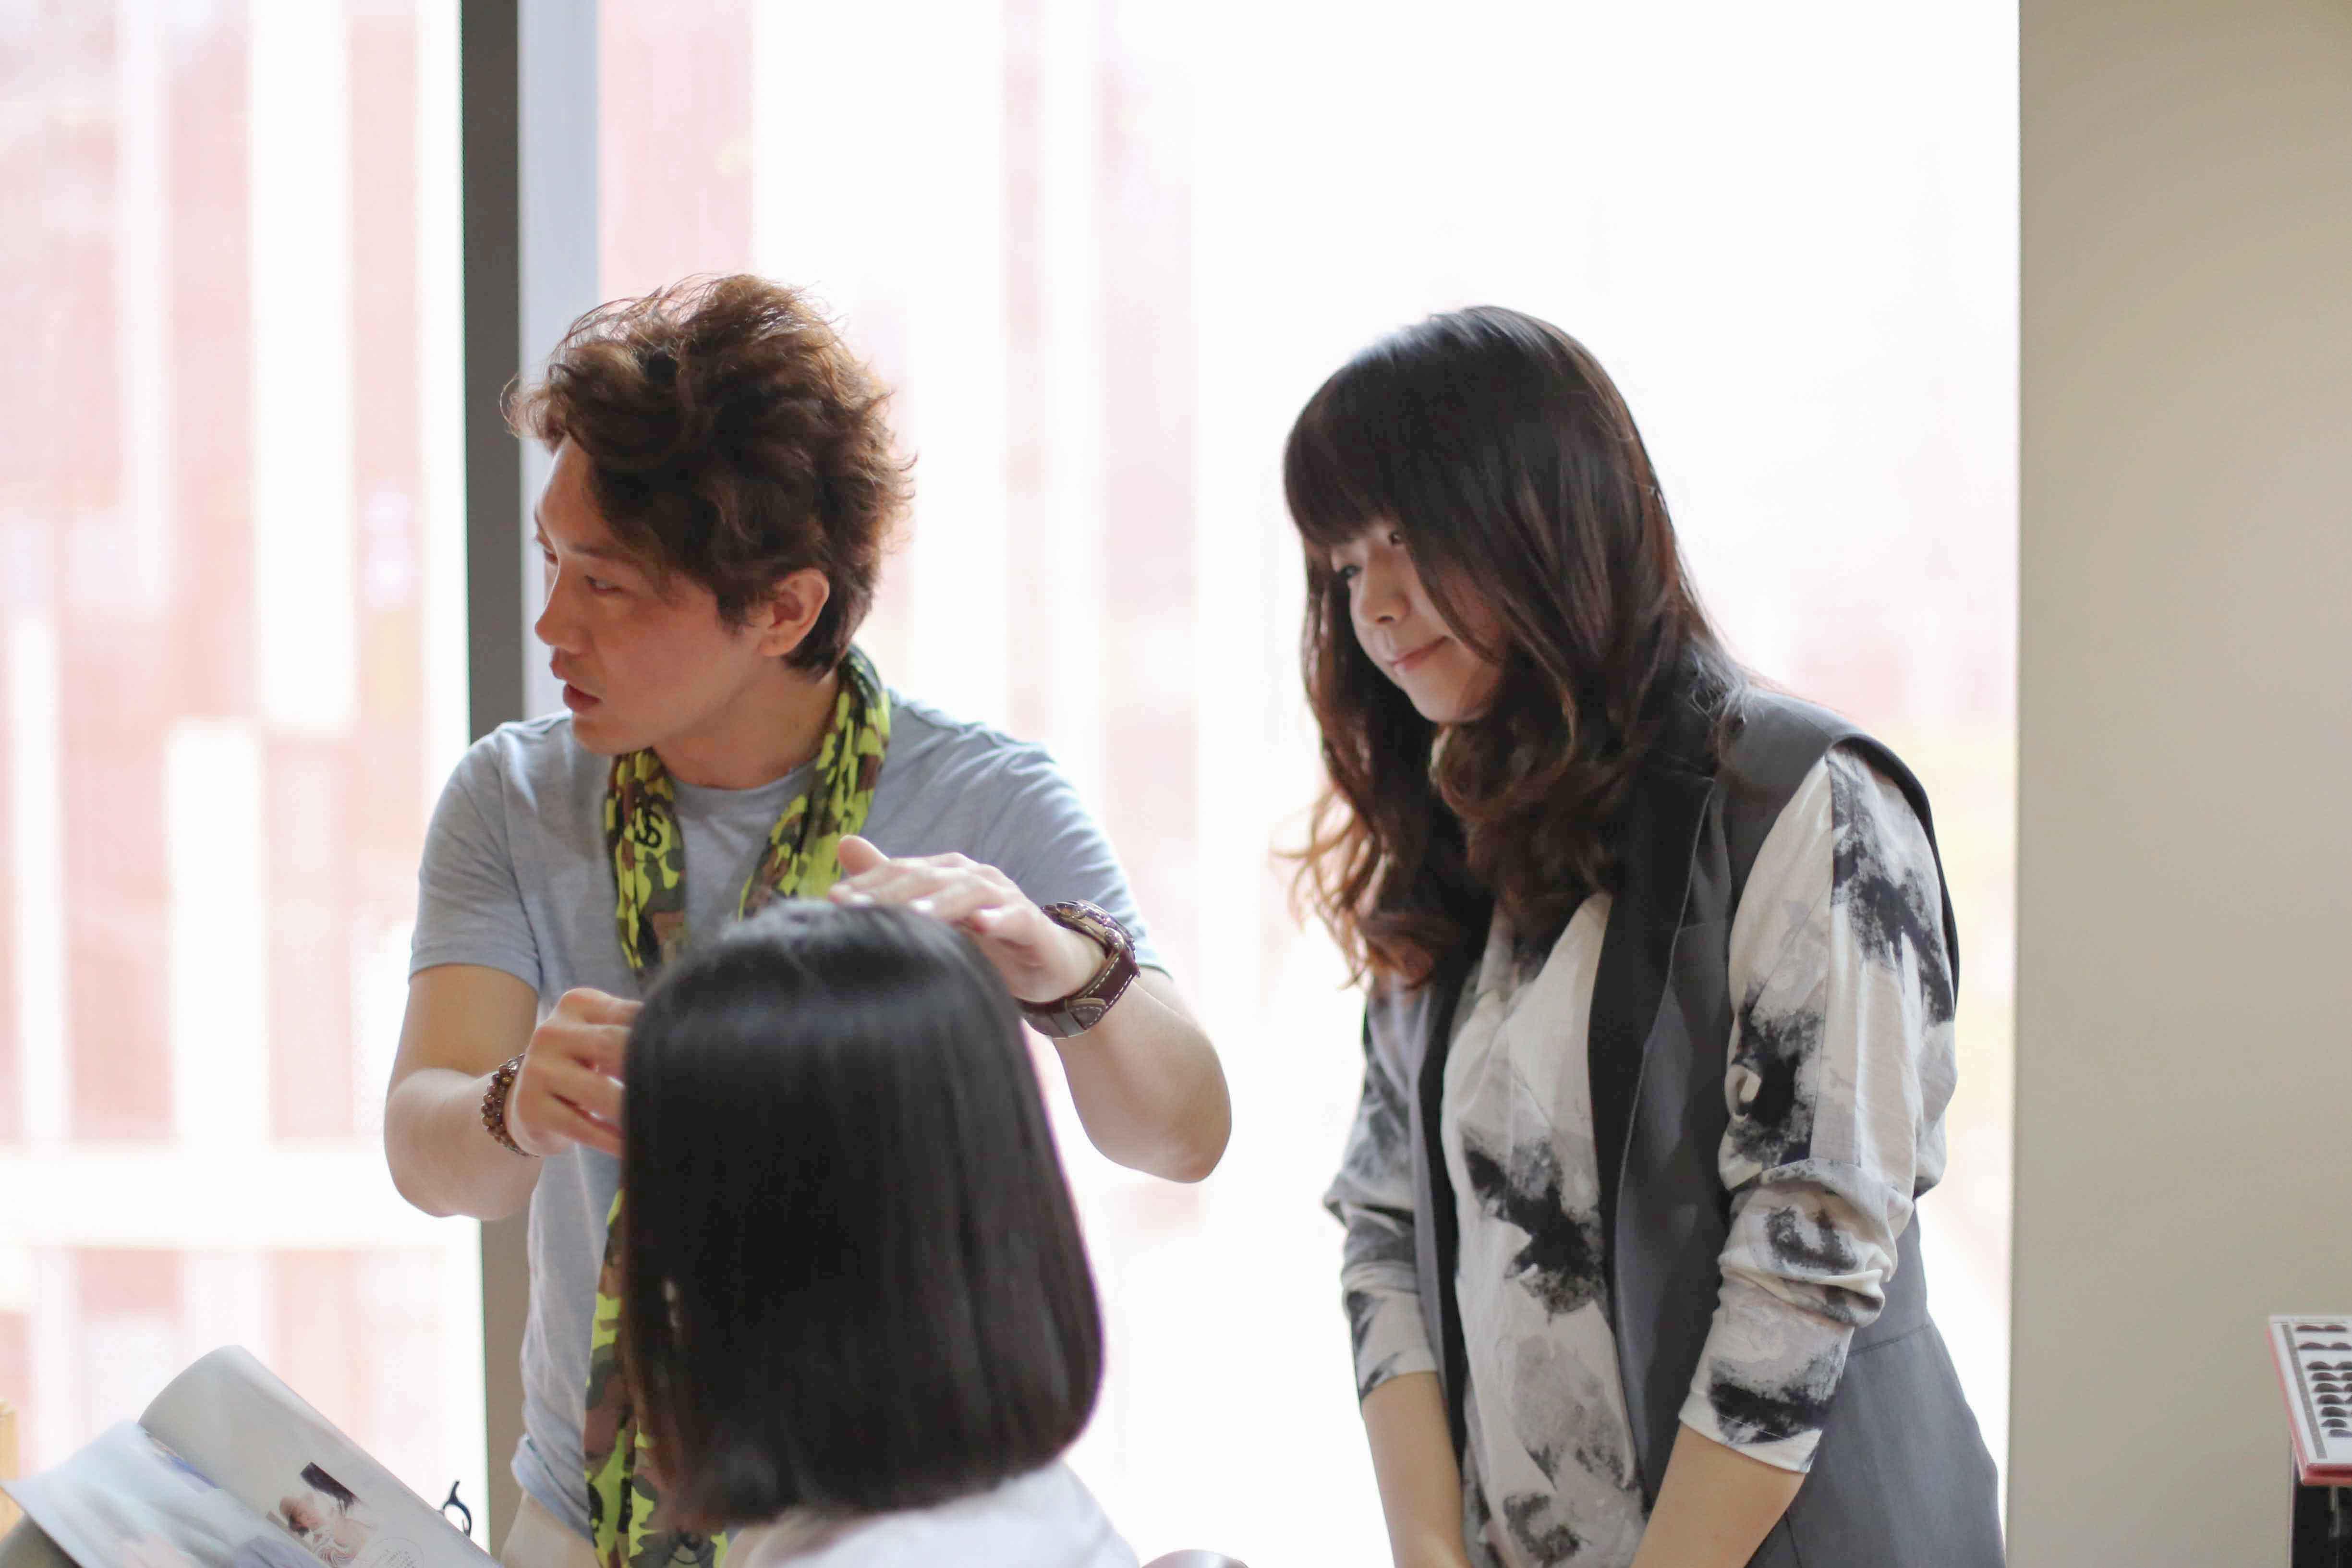 中国 北京 日系美容室 asakura 海外で活躍する100人の日本人 朝倉さん 日本人美容師 海外就職 日本人スタイリスト